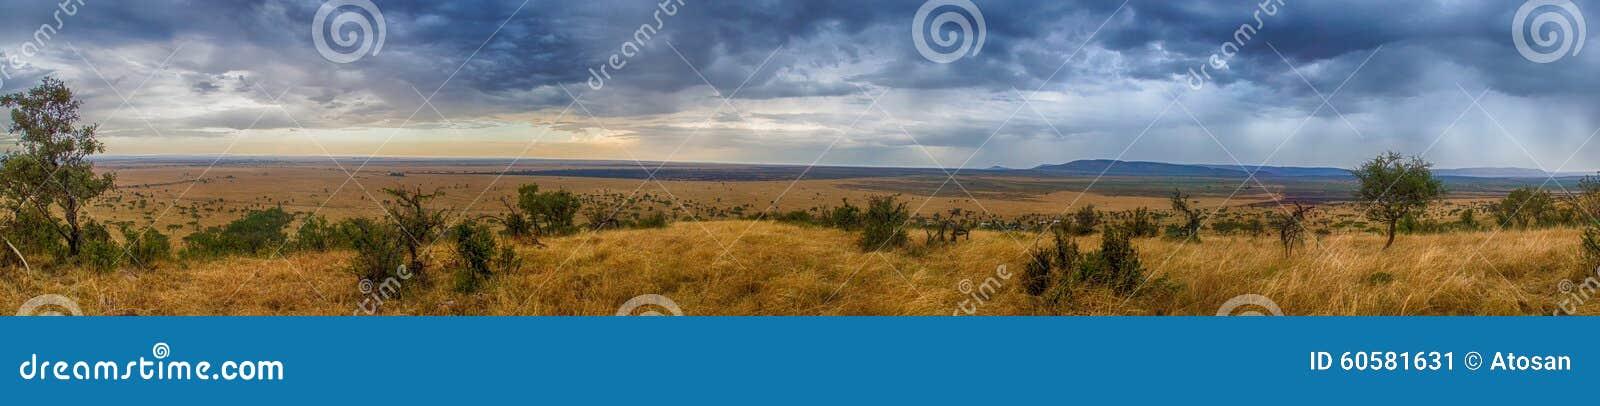 Serengeti-Panorama